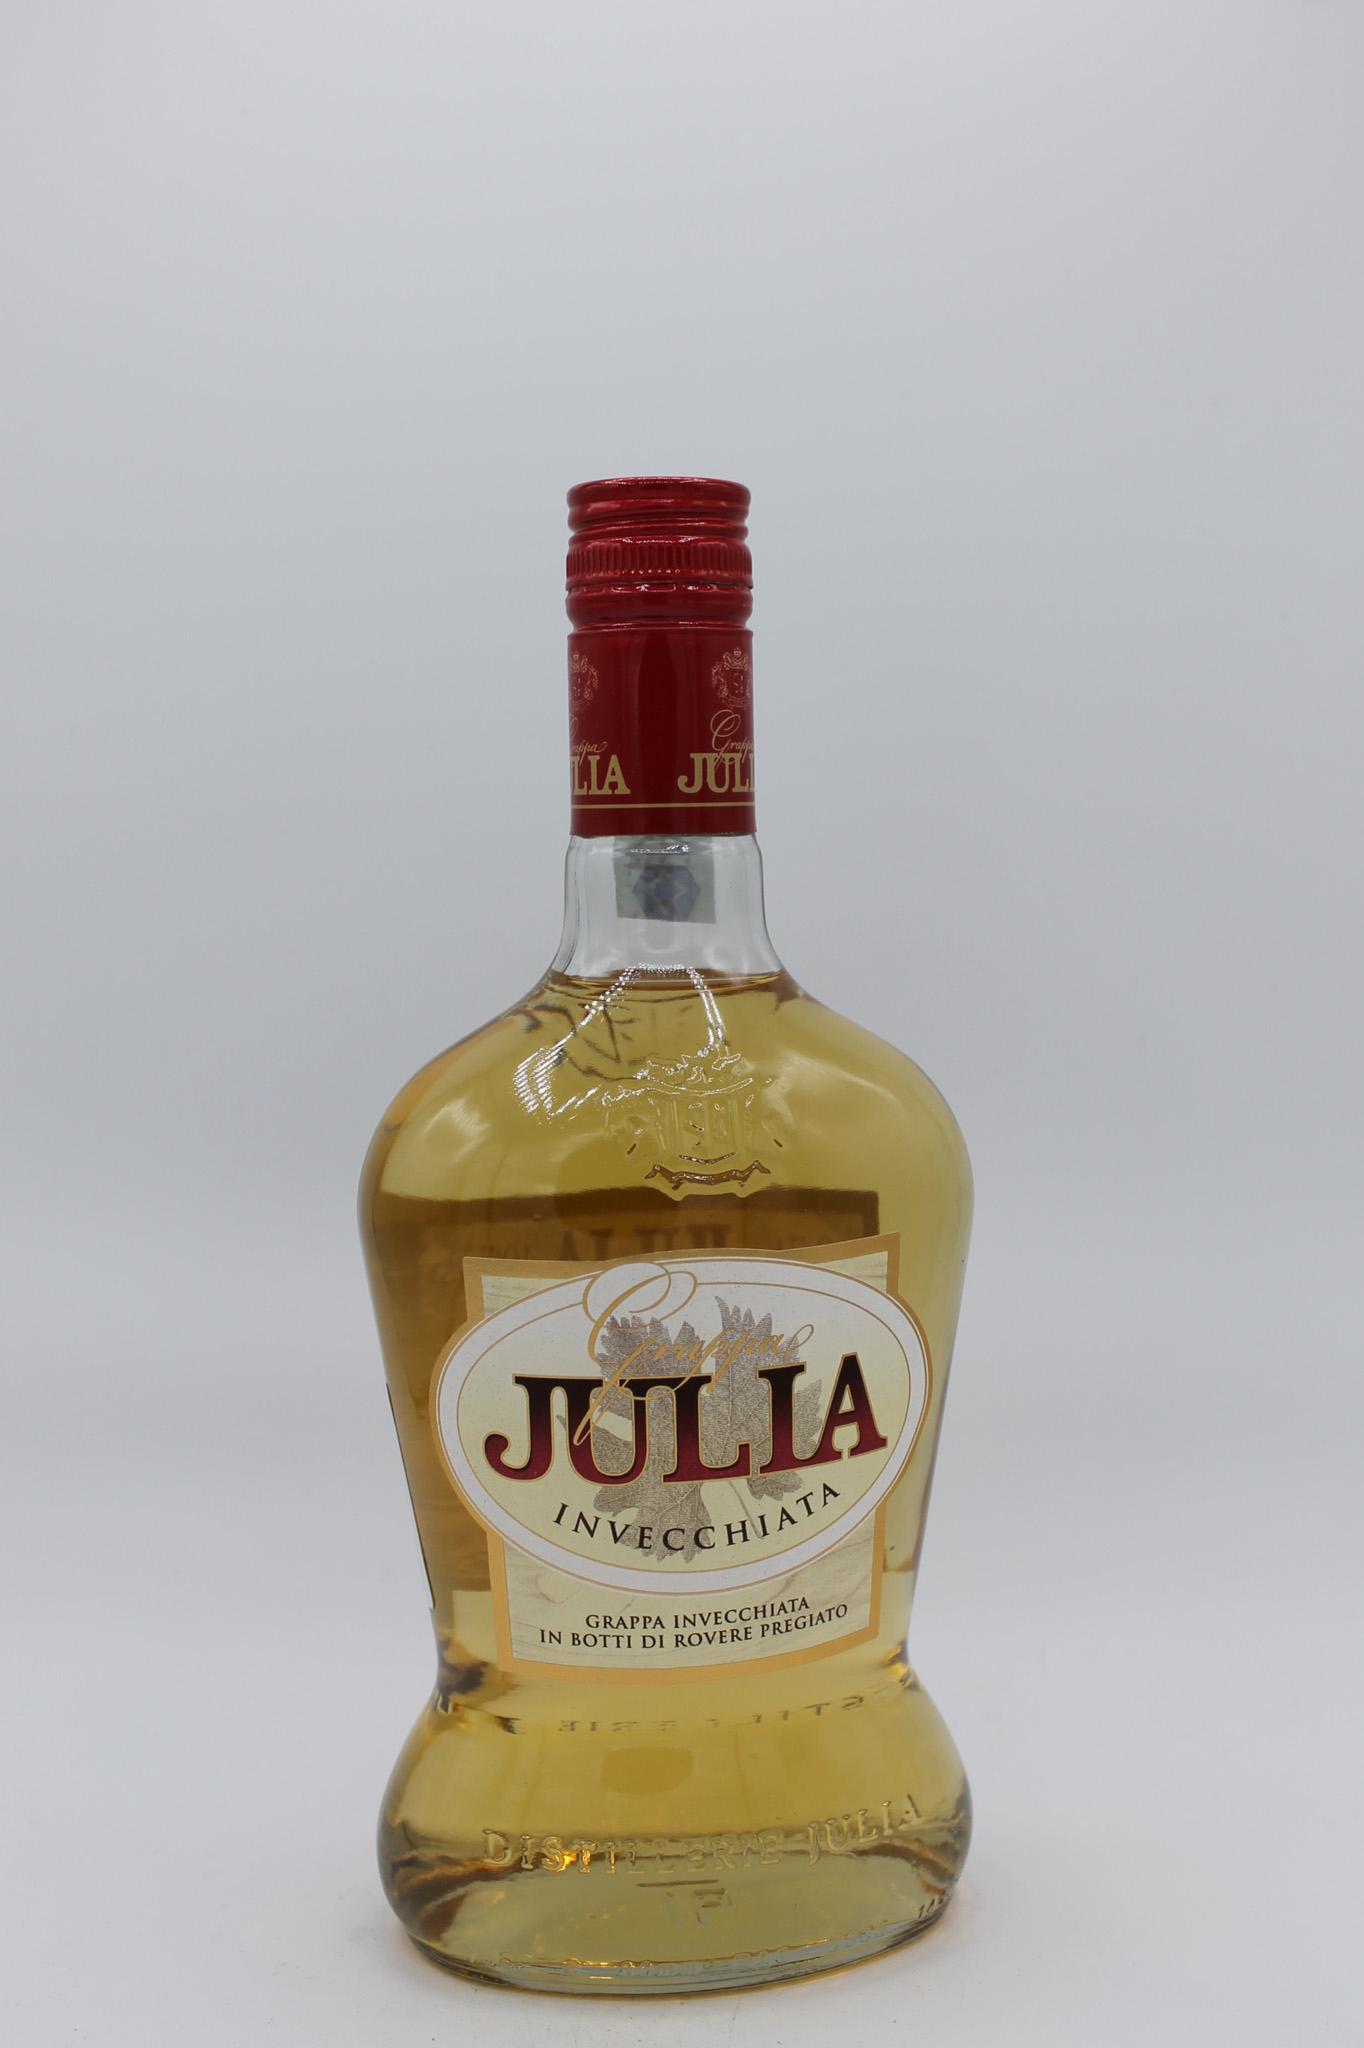 Grappa julia invecchiata 700ml.